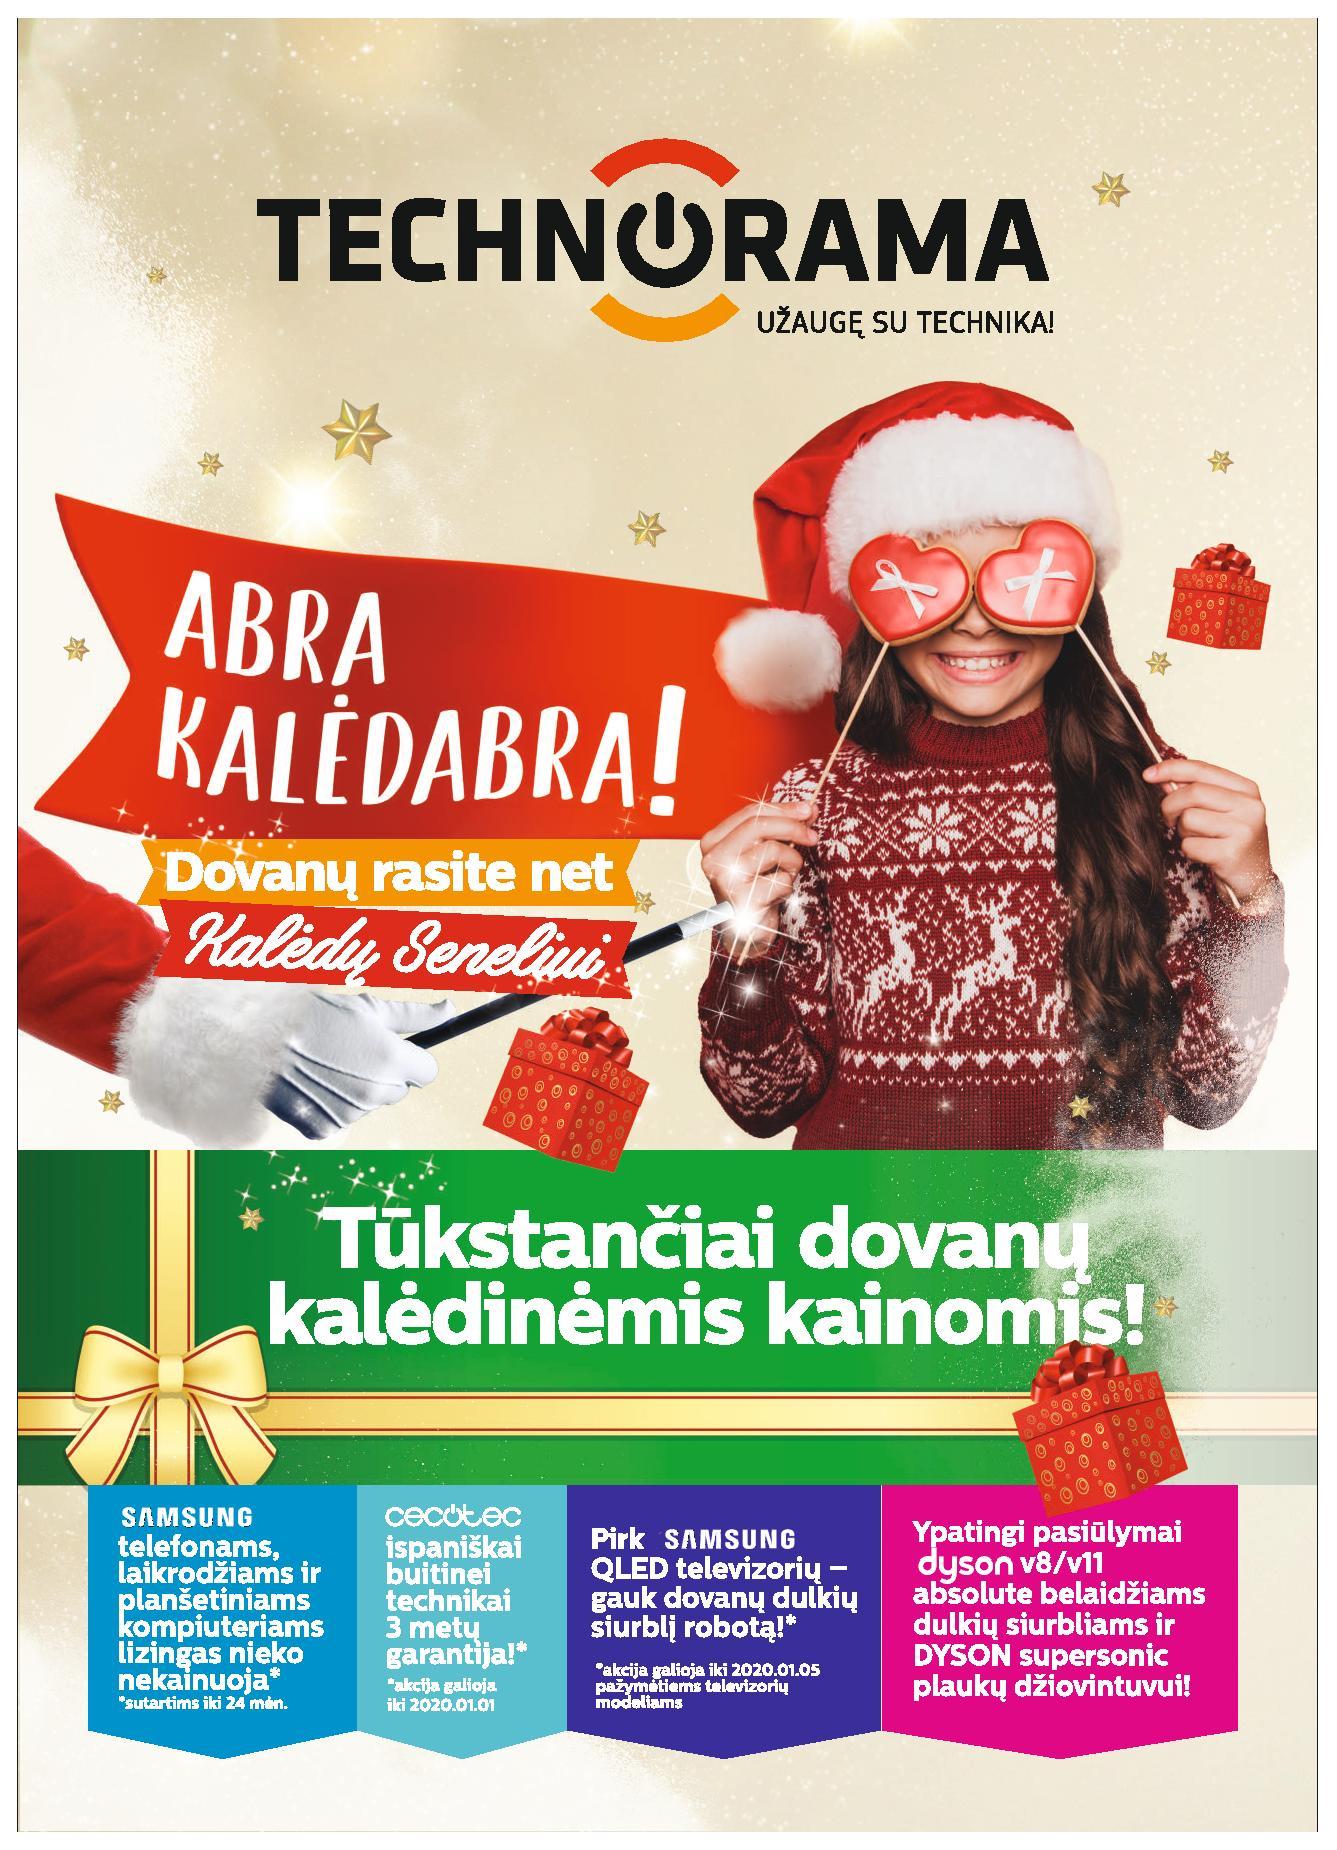 TECHNORAMA akcijų ir nuolaidų leidinys galioja 2019.12.13 - 2020.01.05(leidinio galiojimas yra pasibaigęs)